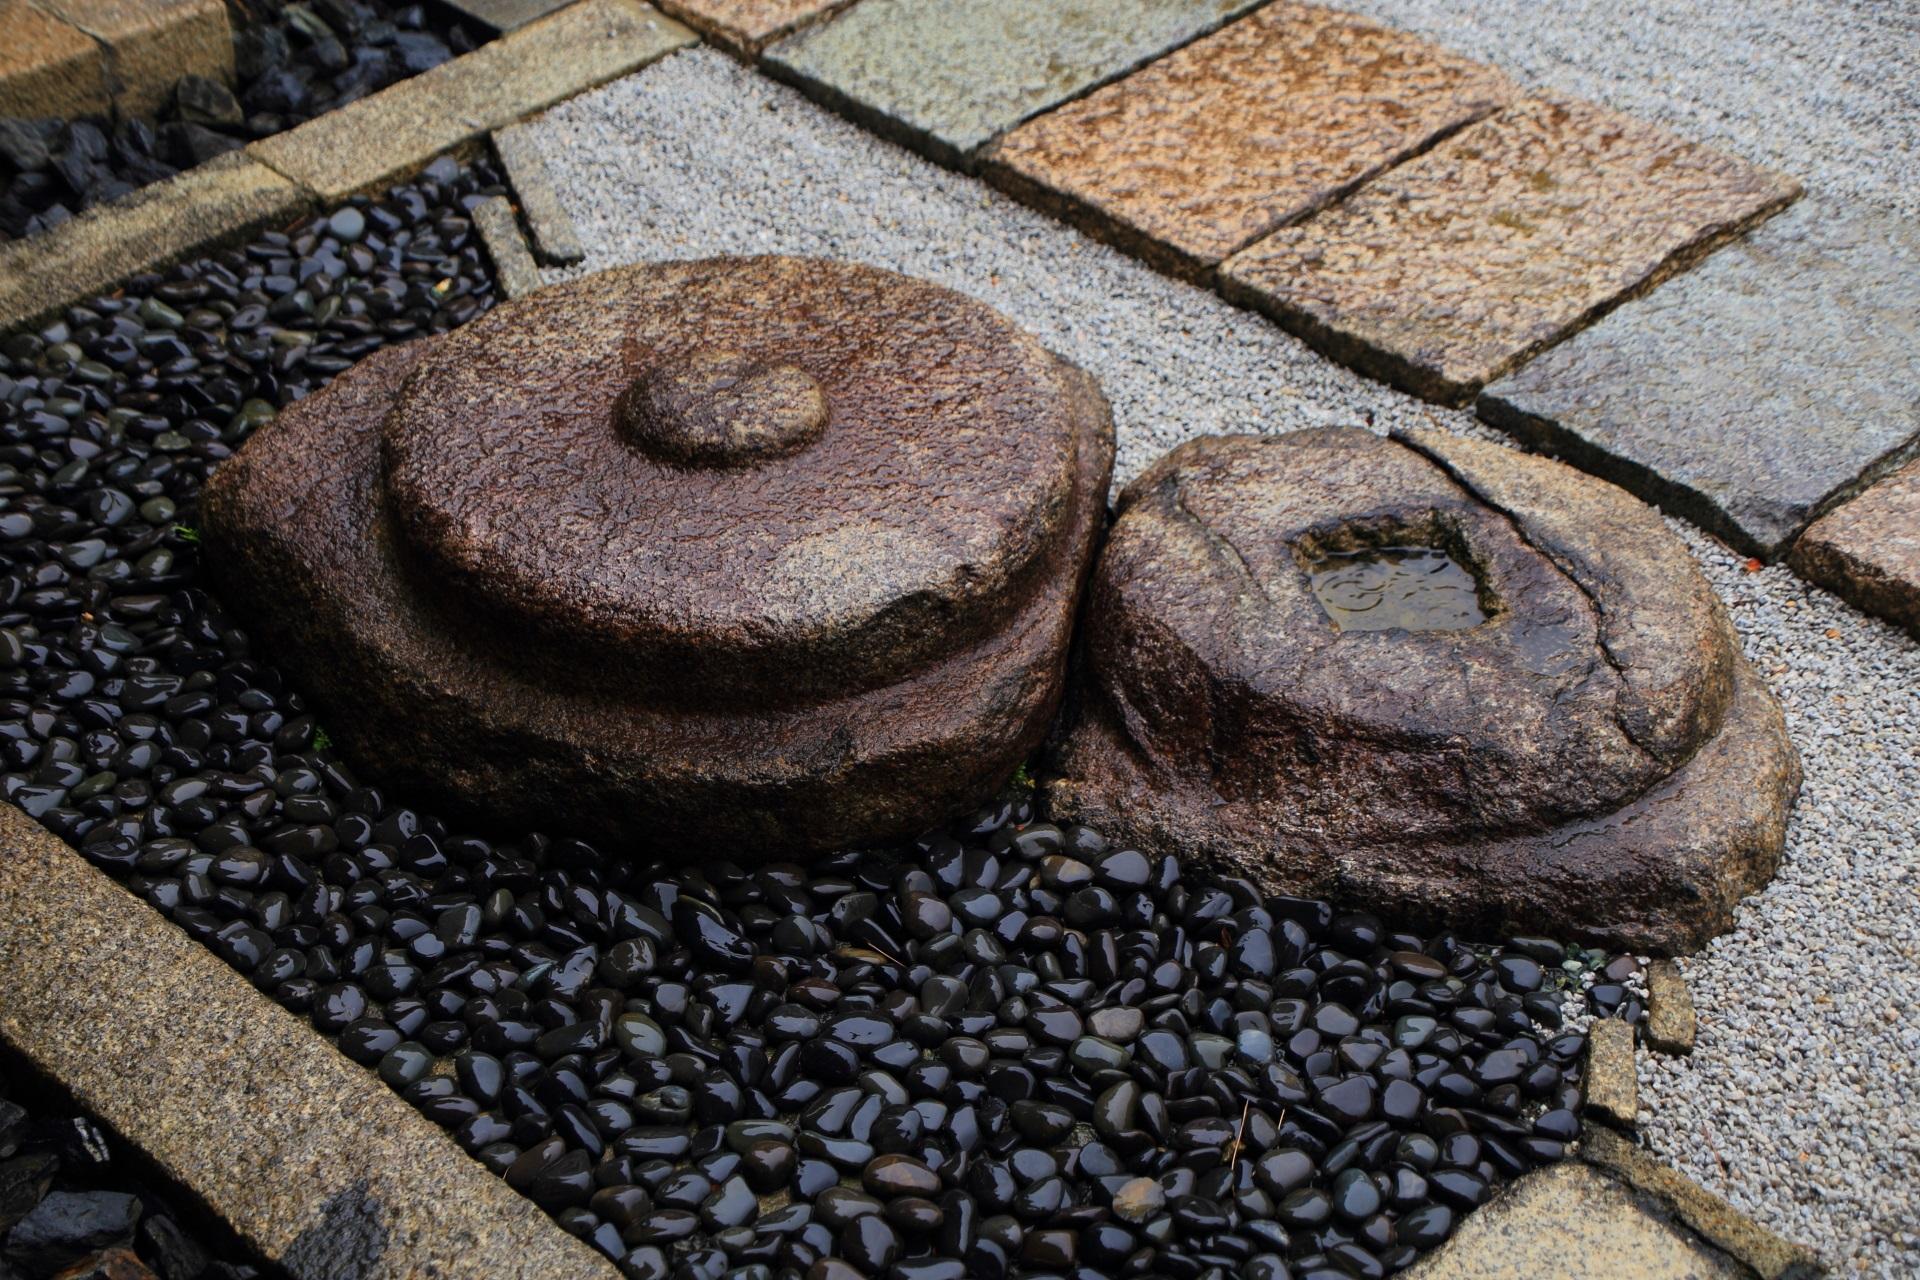 観智院の石庭の丸い岩